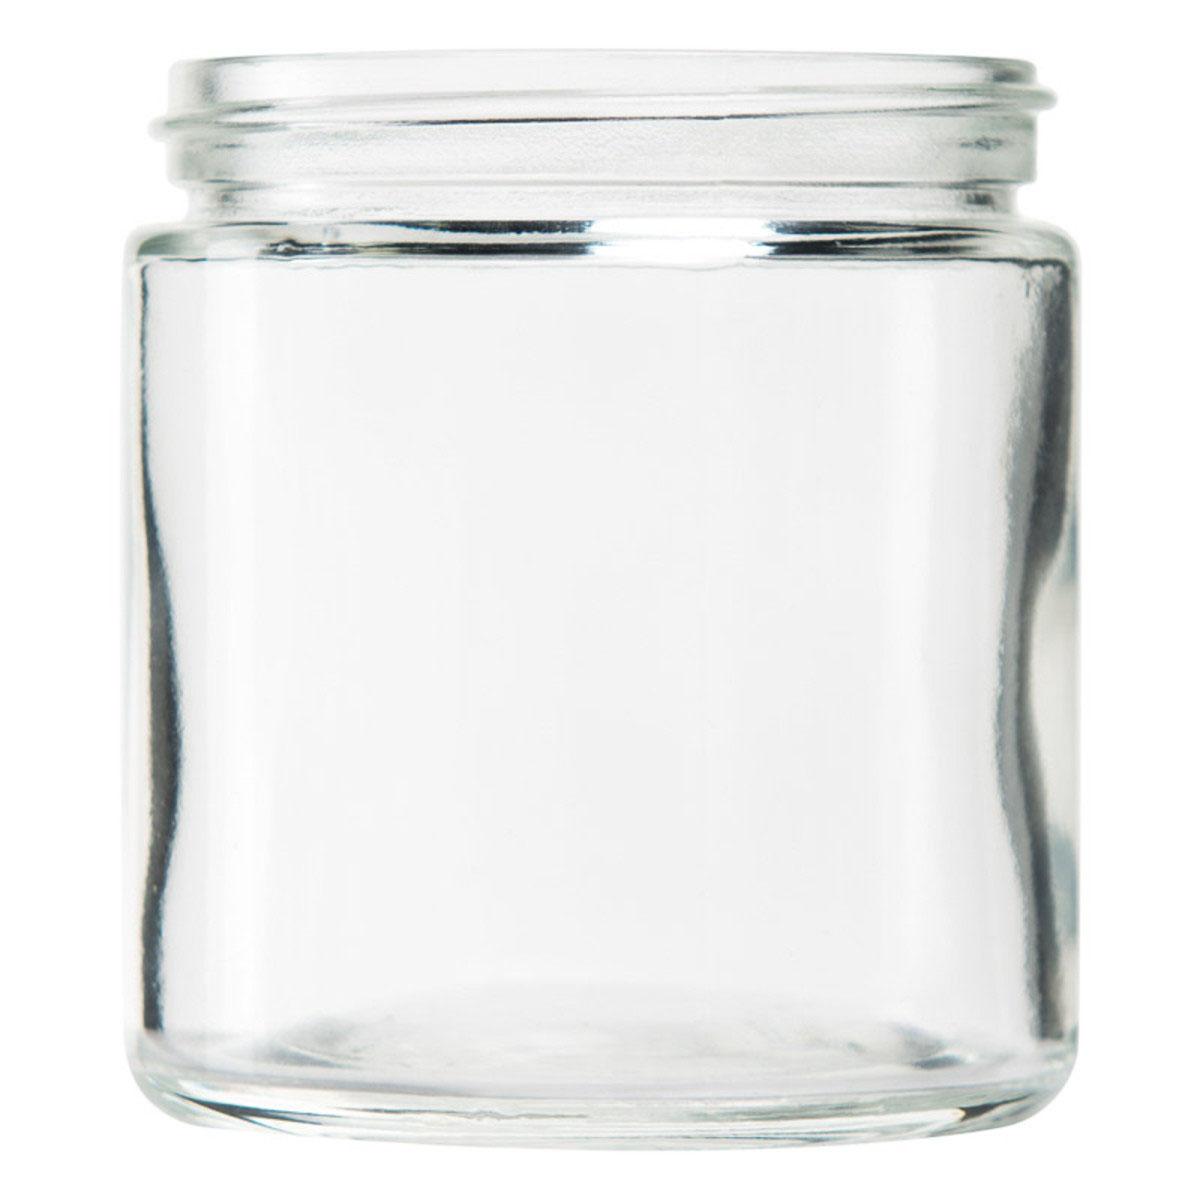 5oz Standard Glass Jar (100 Qty.)